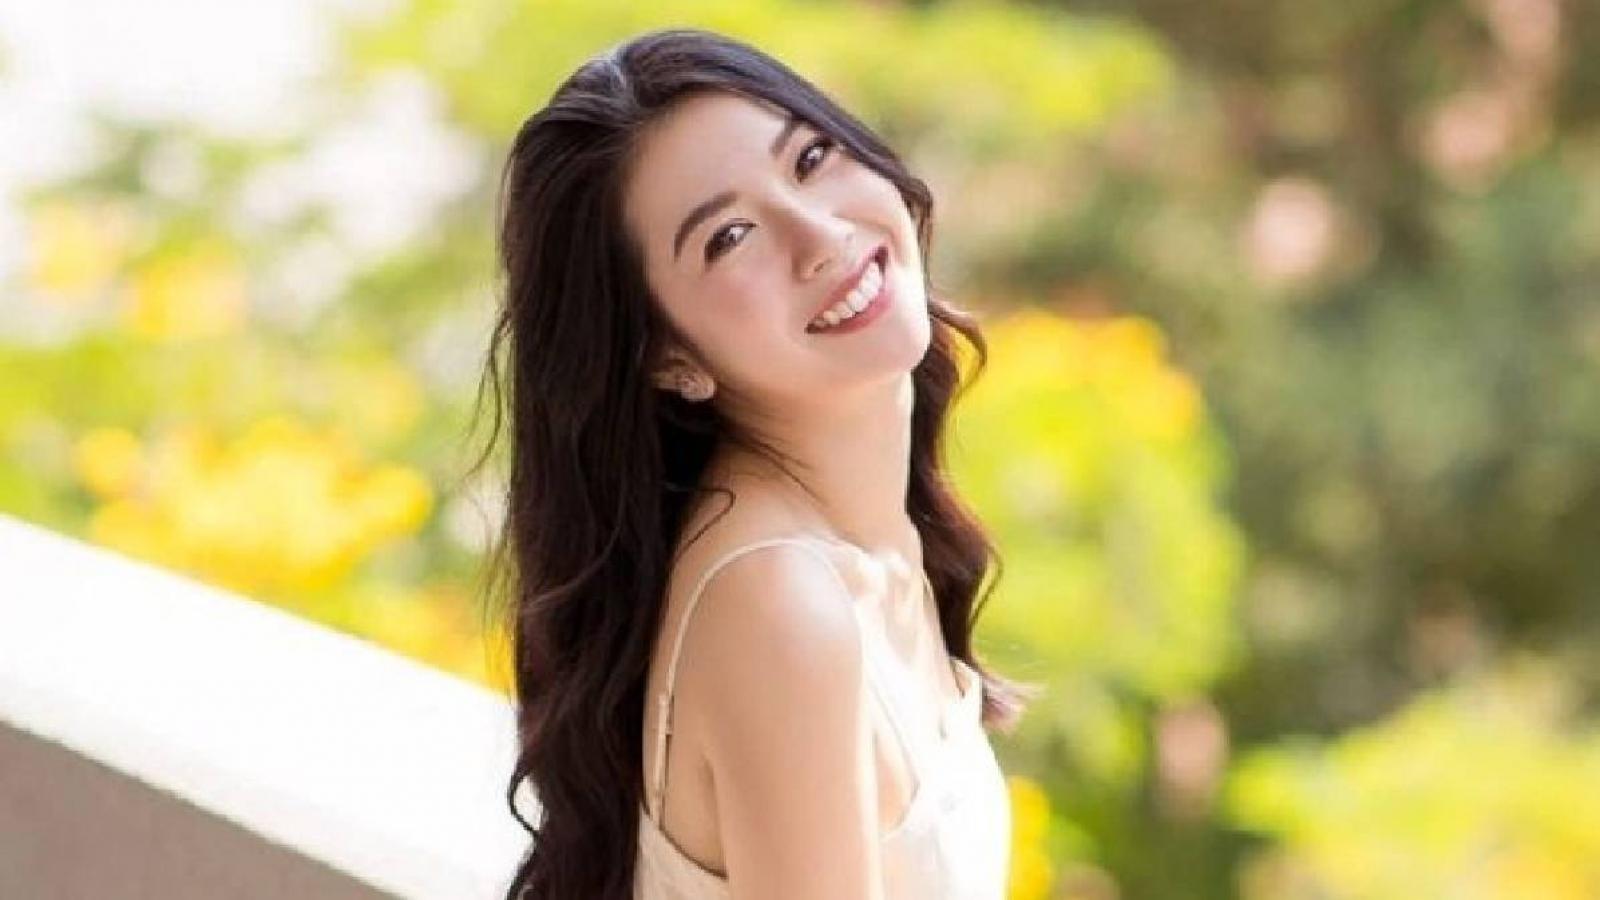 Á hậu Thuý Vân nhìn lại hành trình truyền cảm hứng trên sóng truyền hình quốc gia